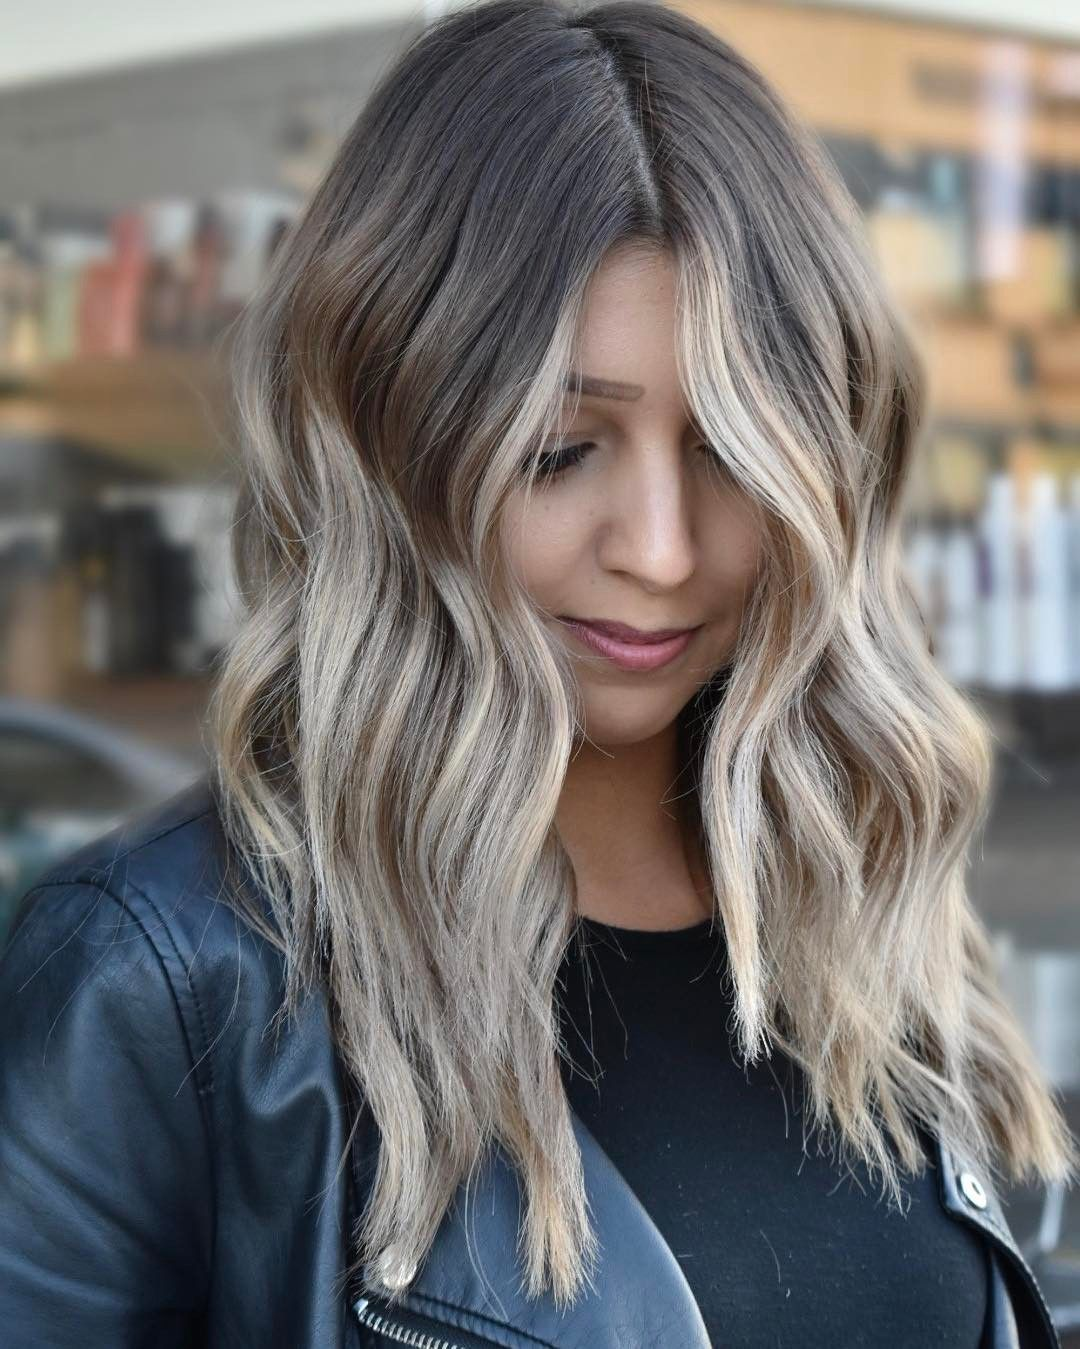 Пепельный цвет волос: идеи окрашивания для блондинок и брюнеток